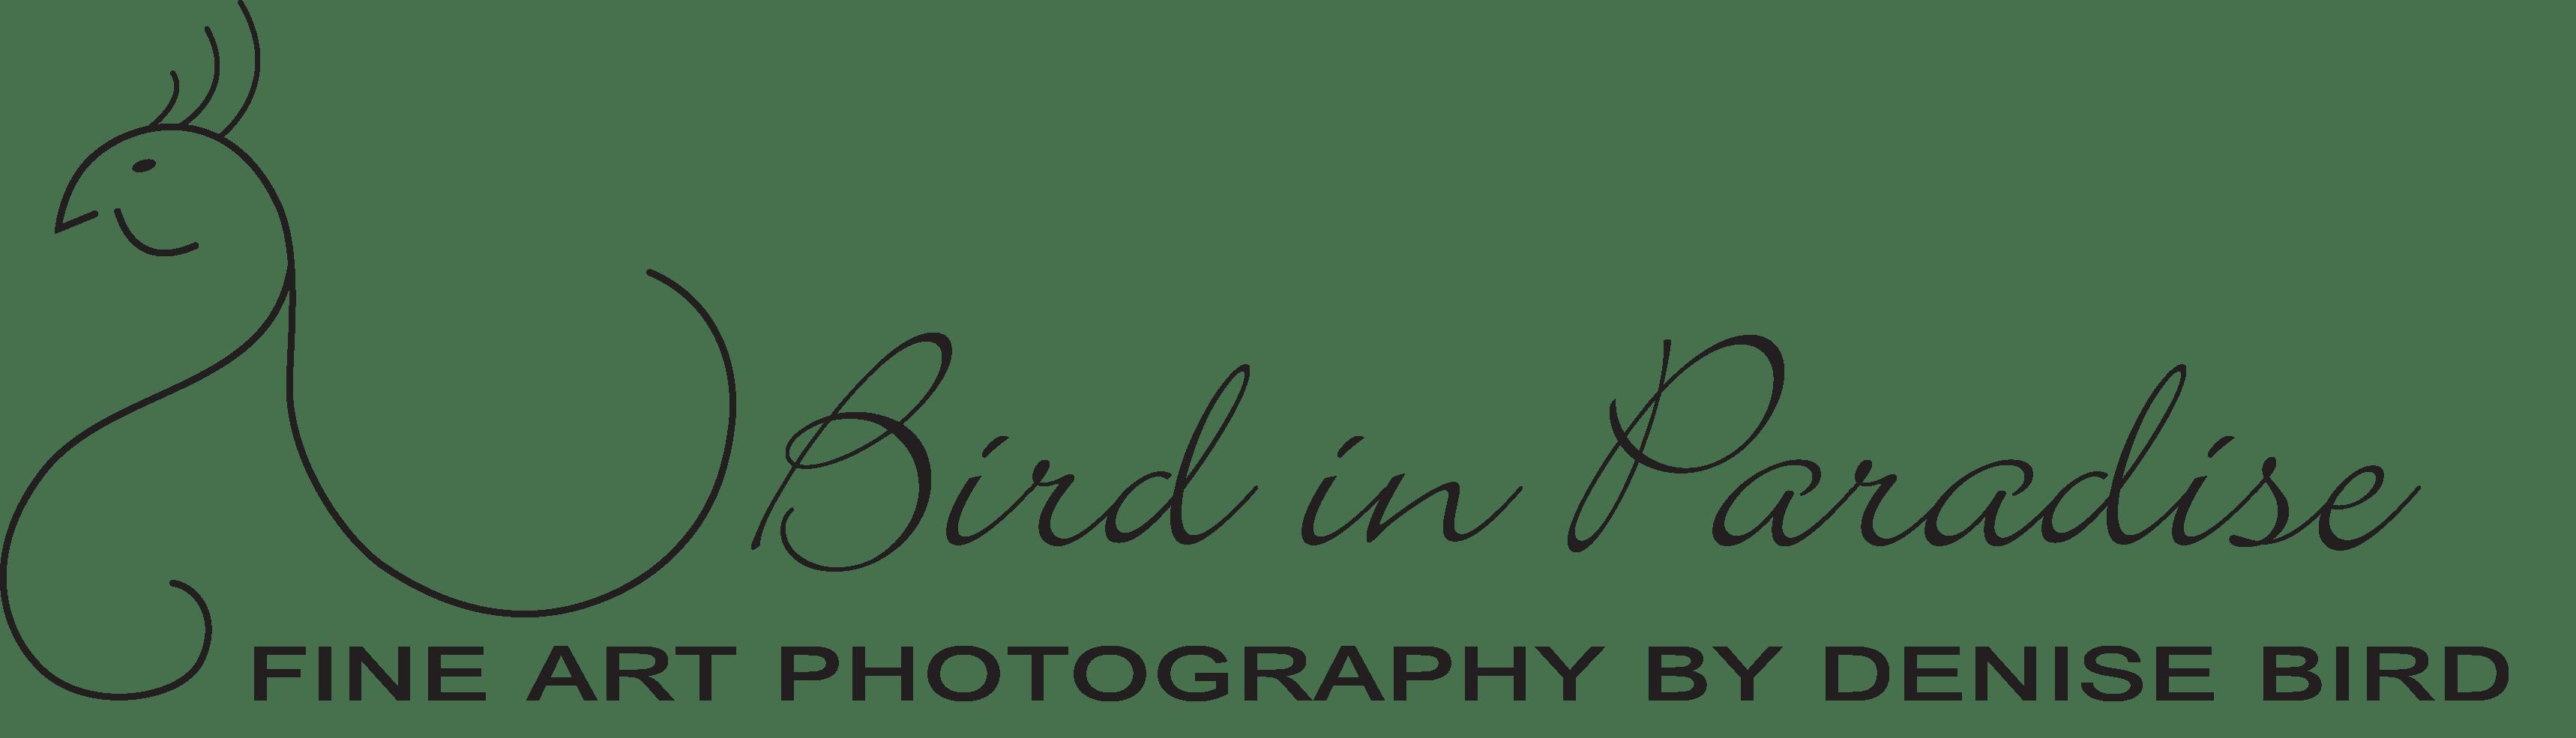 Denise Bird In Paradise